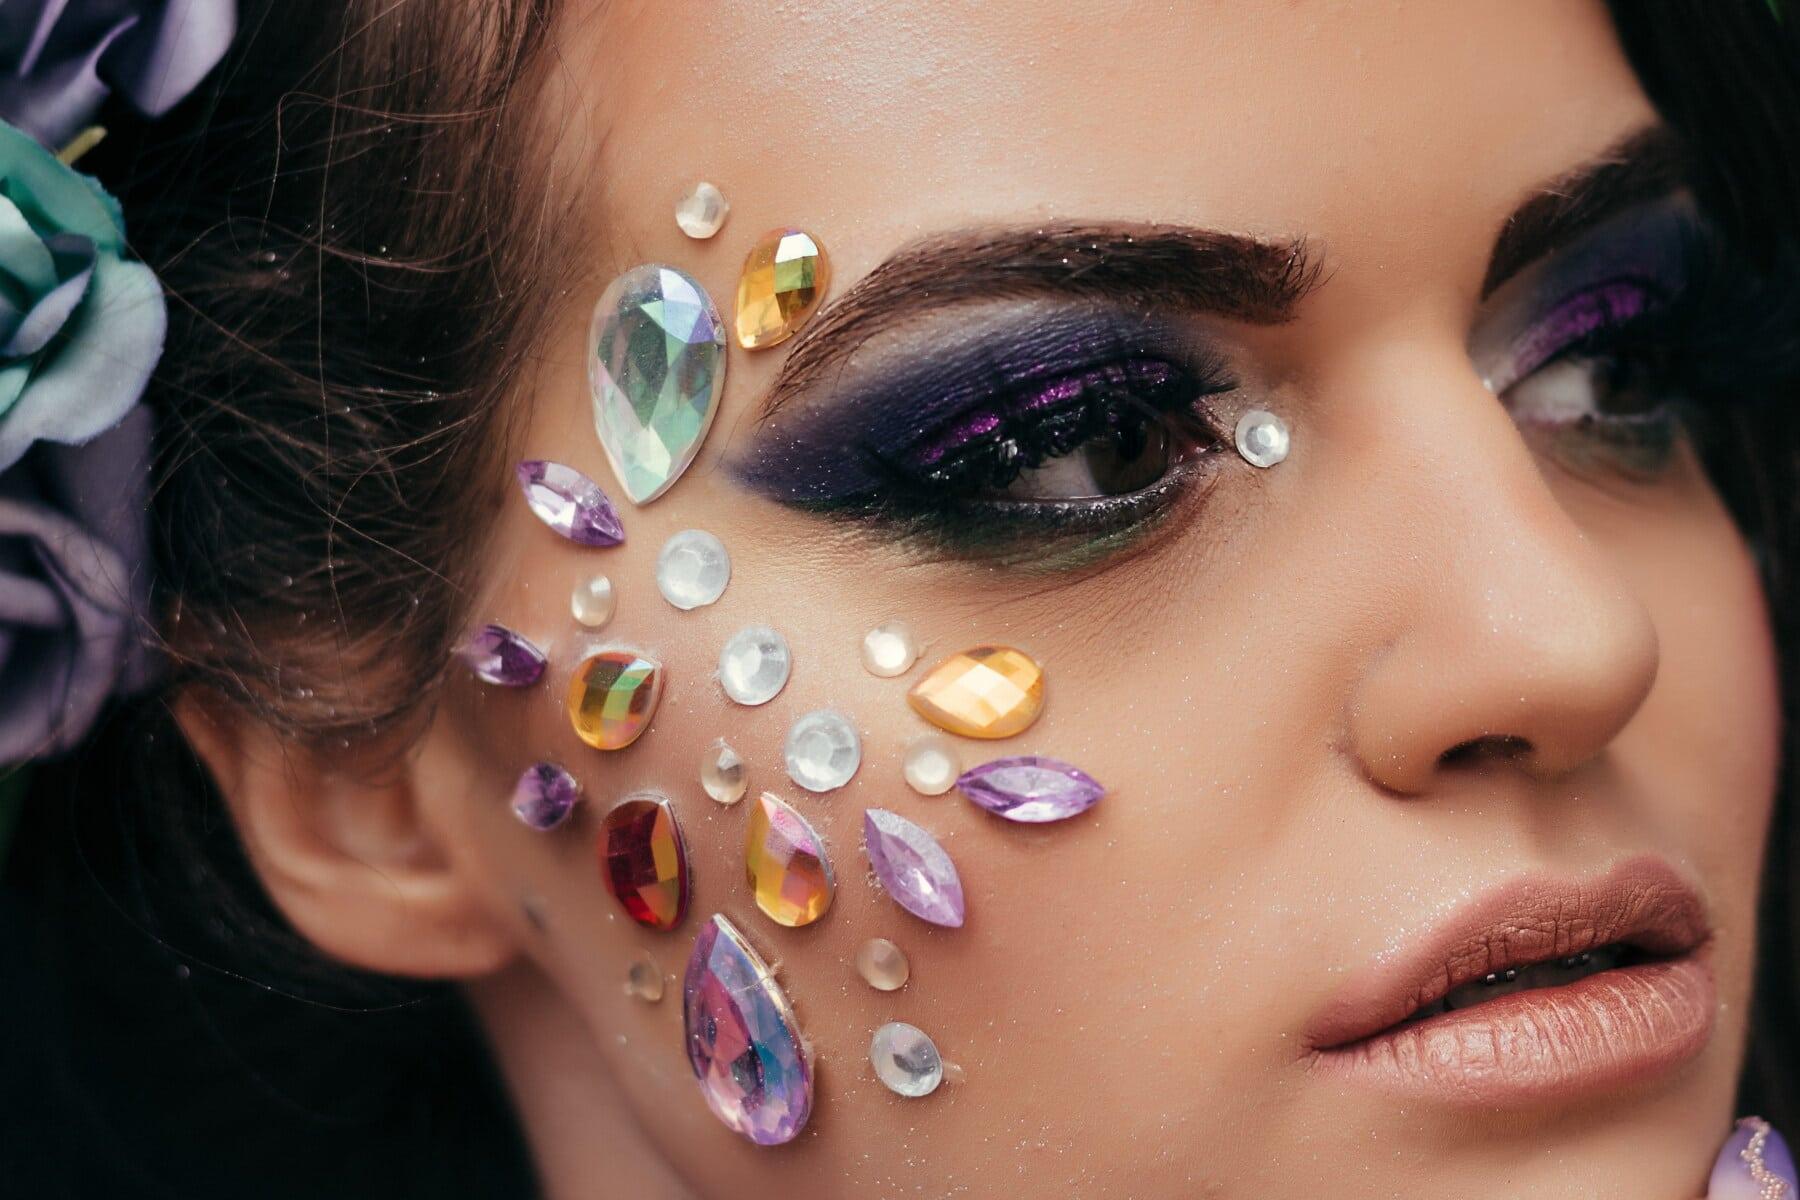 pen jente, leppestift, sminke, spektakulære, mote, øye, glamour, kvinne, vakker, ansikt